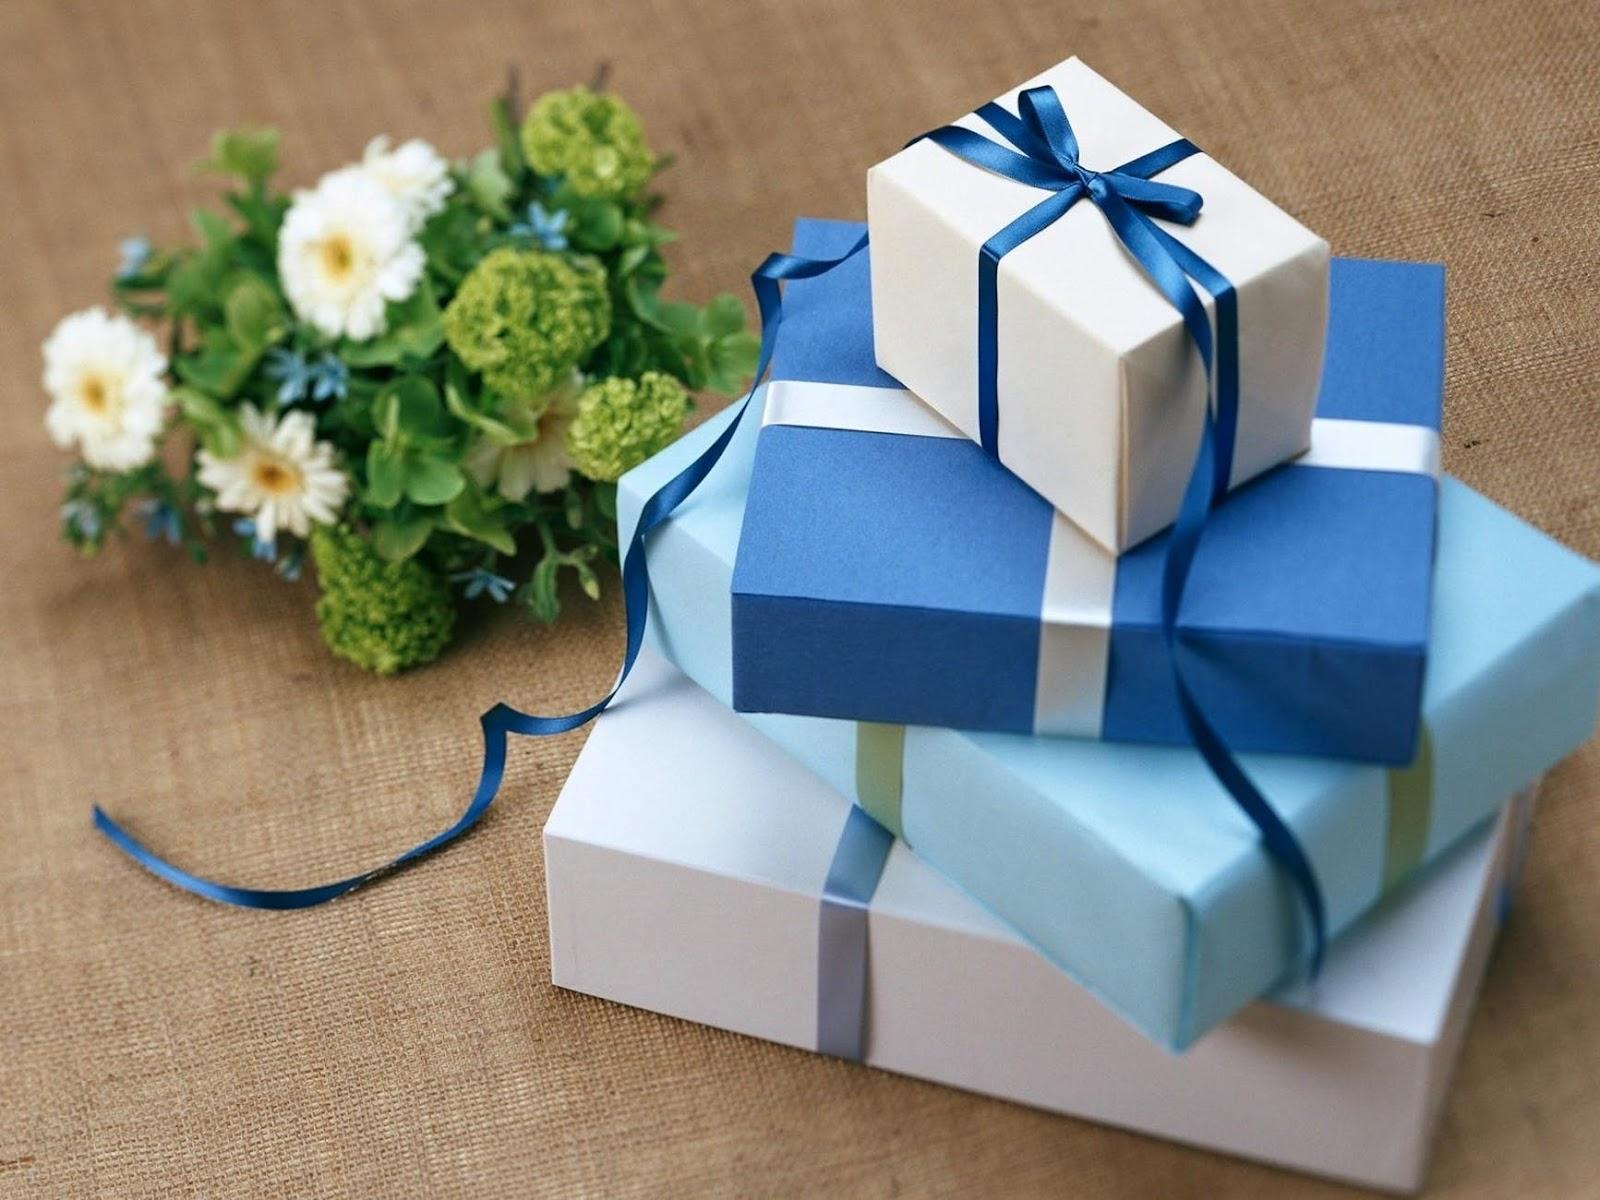 Vrei să oferi cadoul perfect? TOP 5 sugestii care vor impresiona pe oricine!